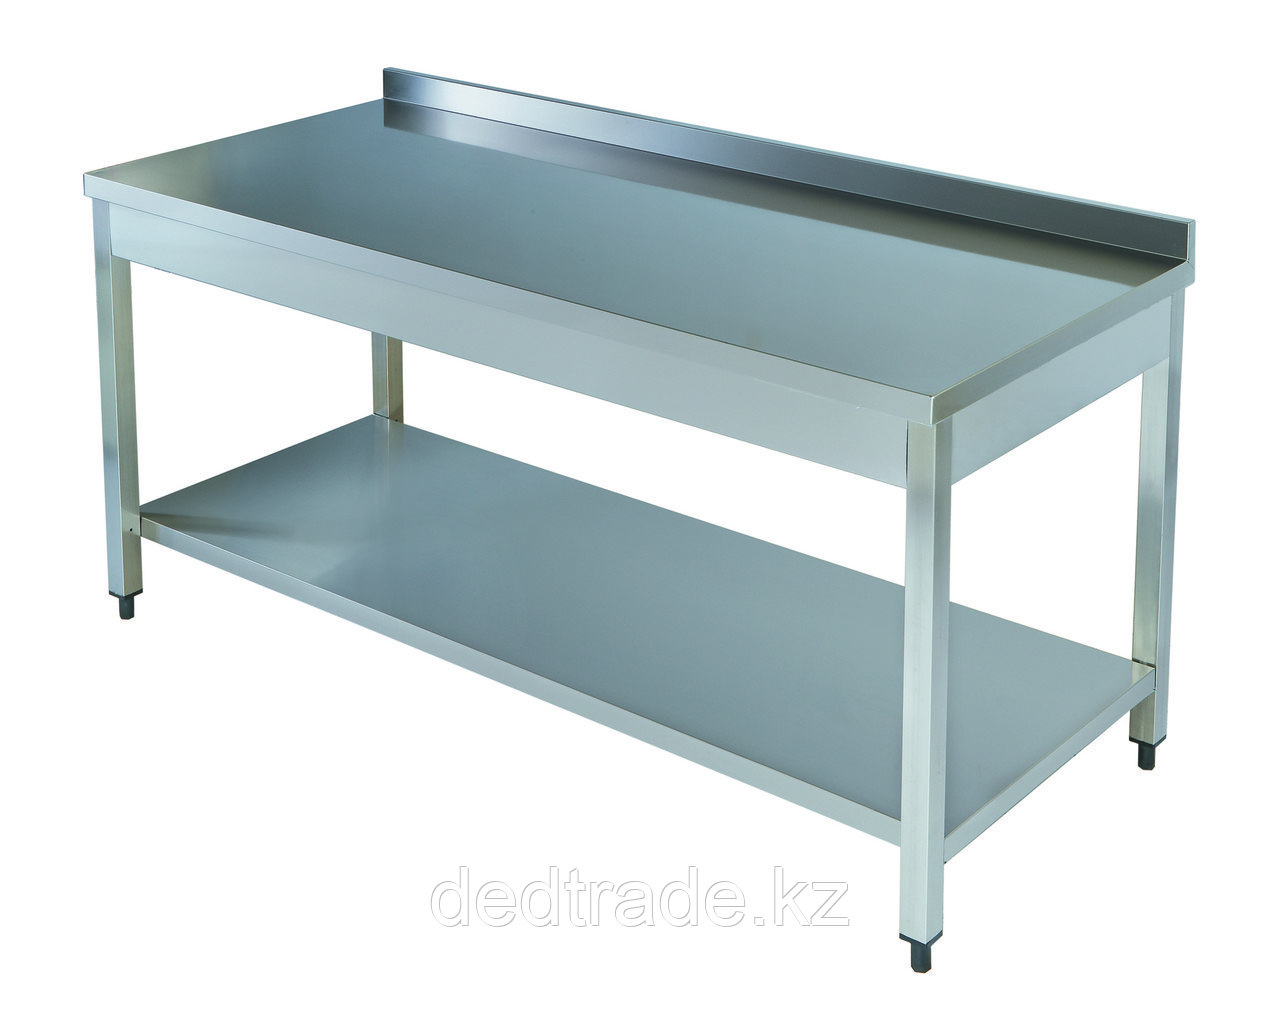 Рабочий стол с полкой нержавеющая сталь Размеры 1600*700*850 мм